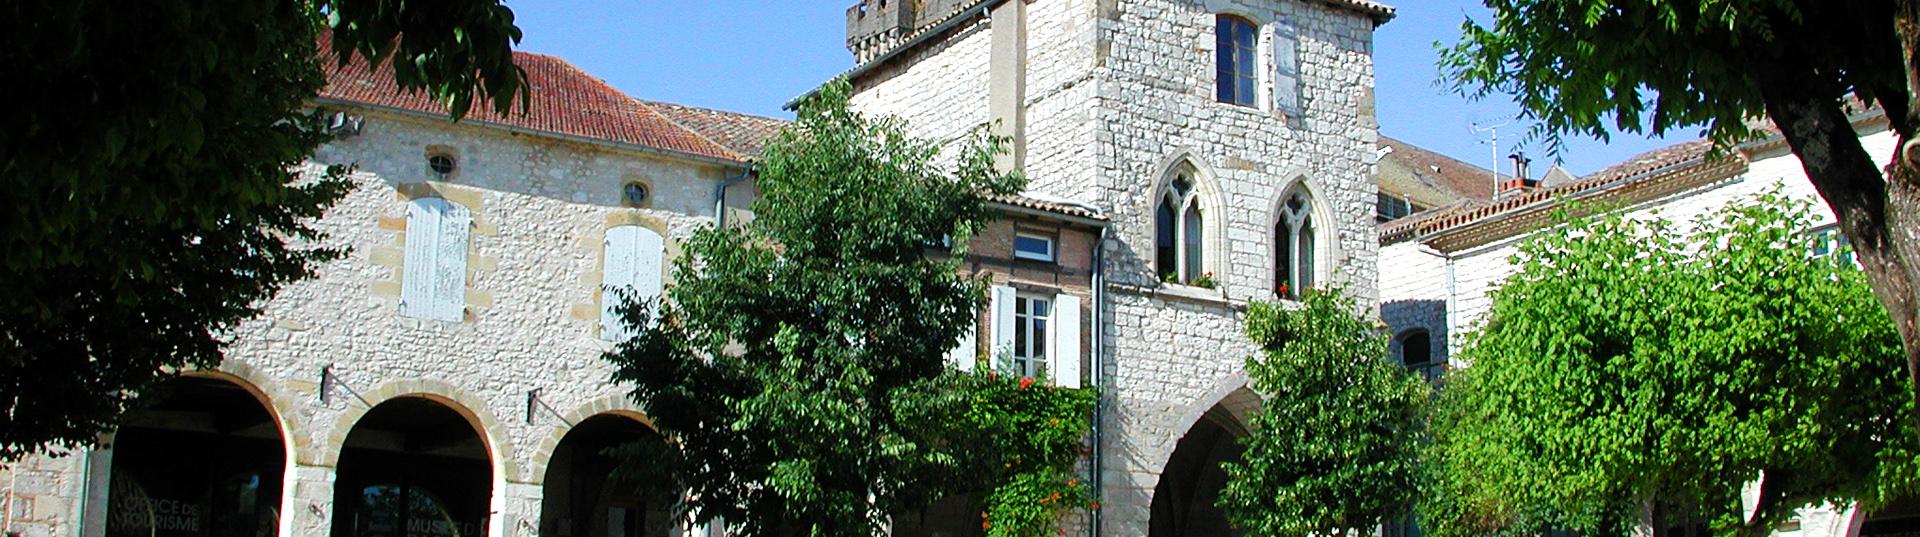 Monflanquin, Lot-et-Garonne